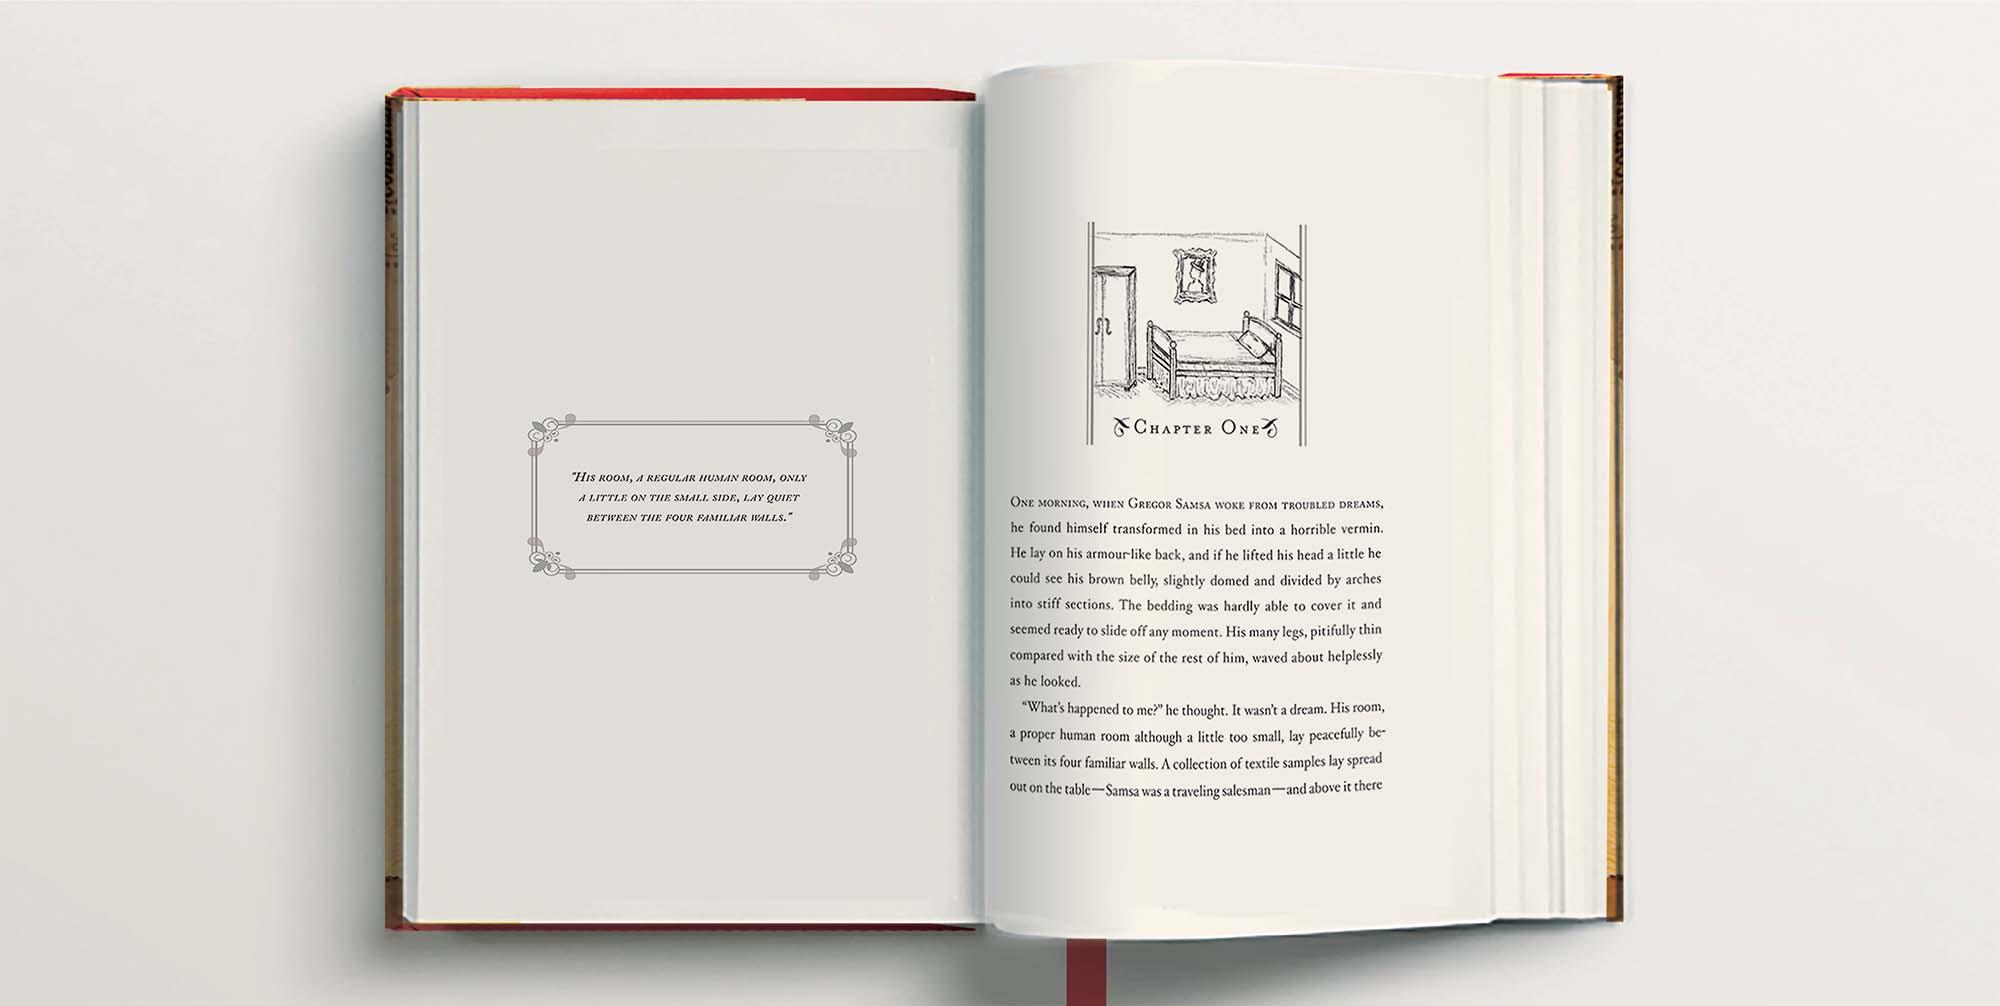 The Metamorphosis book full spread